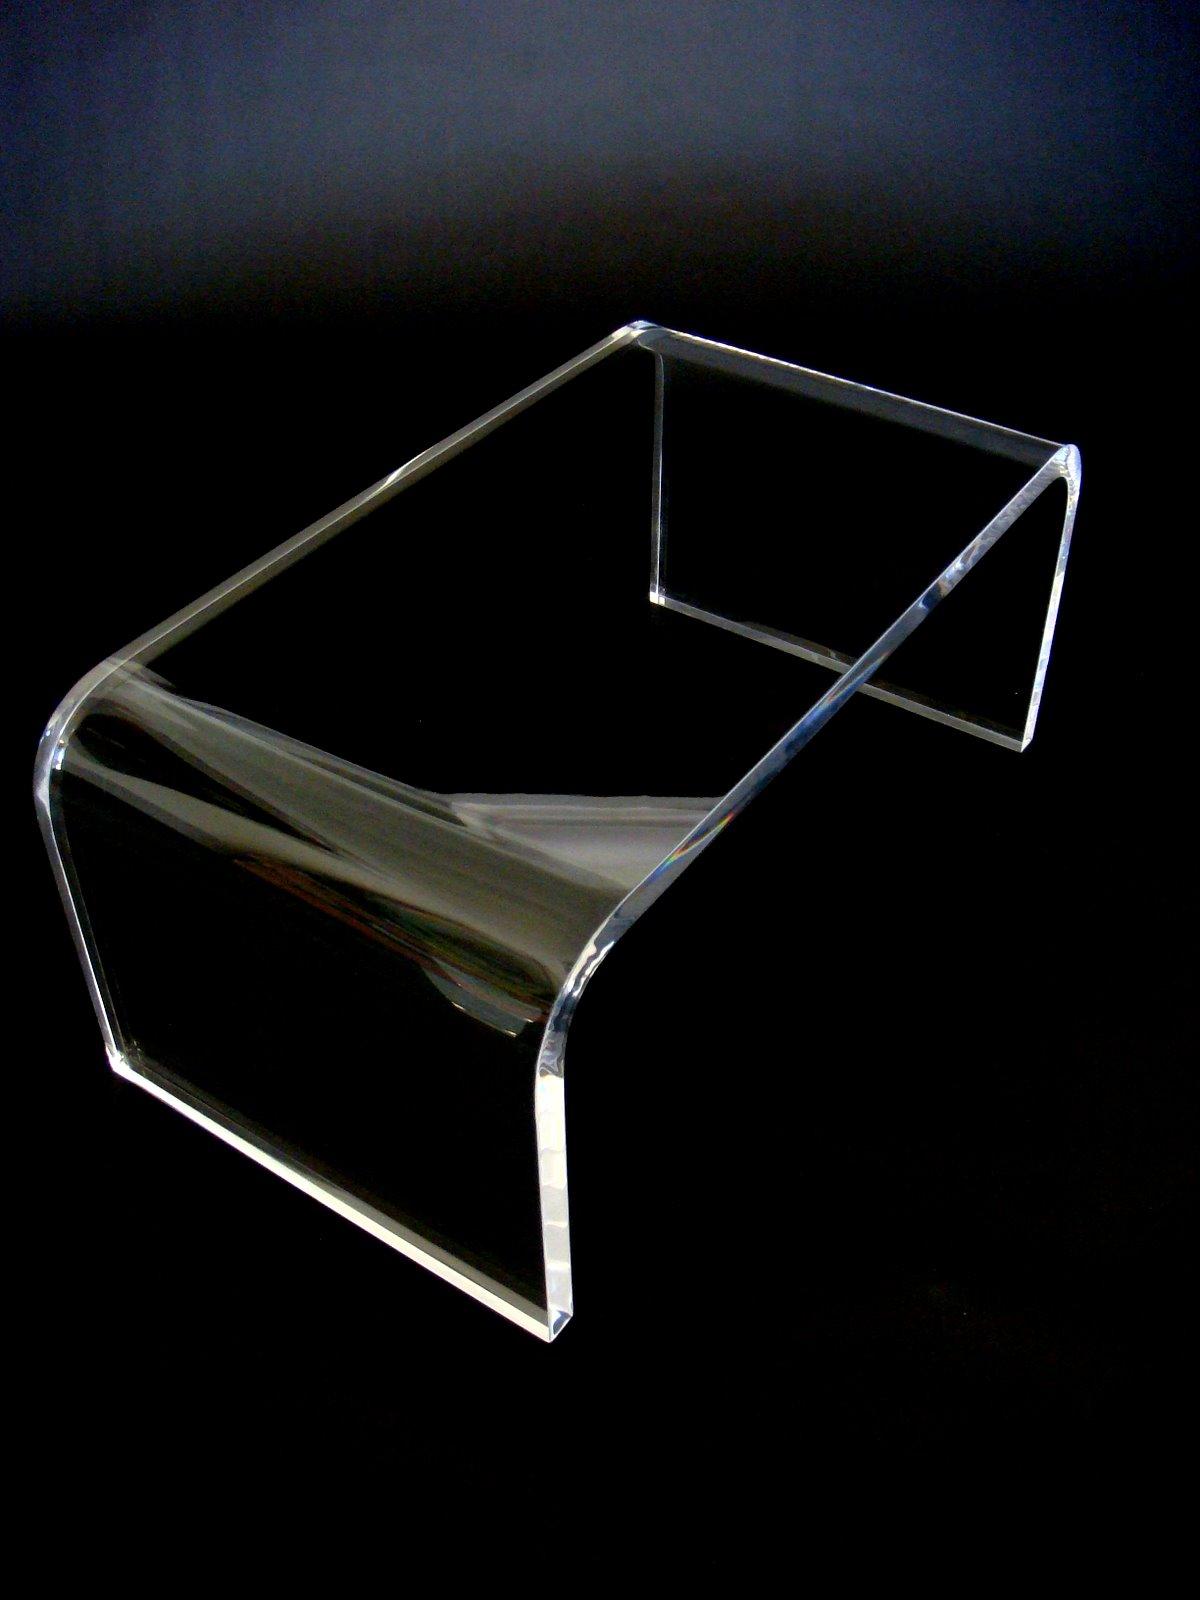 โต๊ะรับแขกอะครีลิค ดีไซน์ รูปตัว U 60x60x50cm